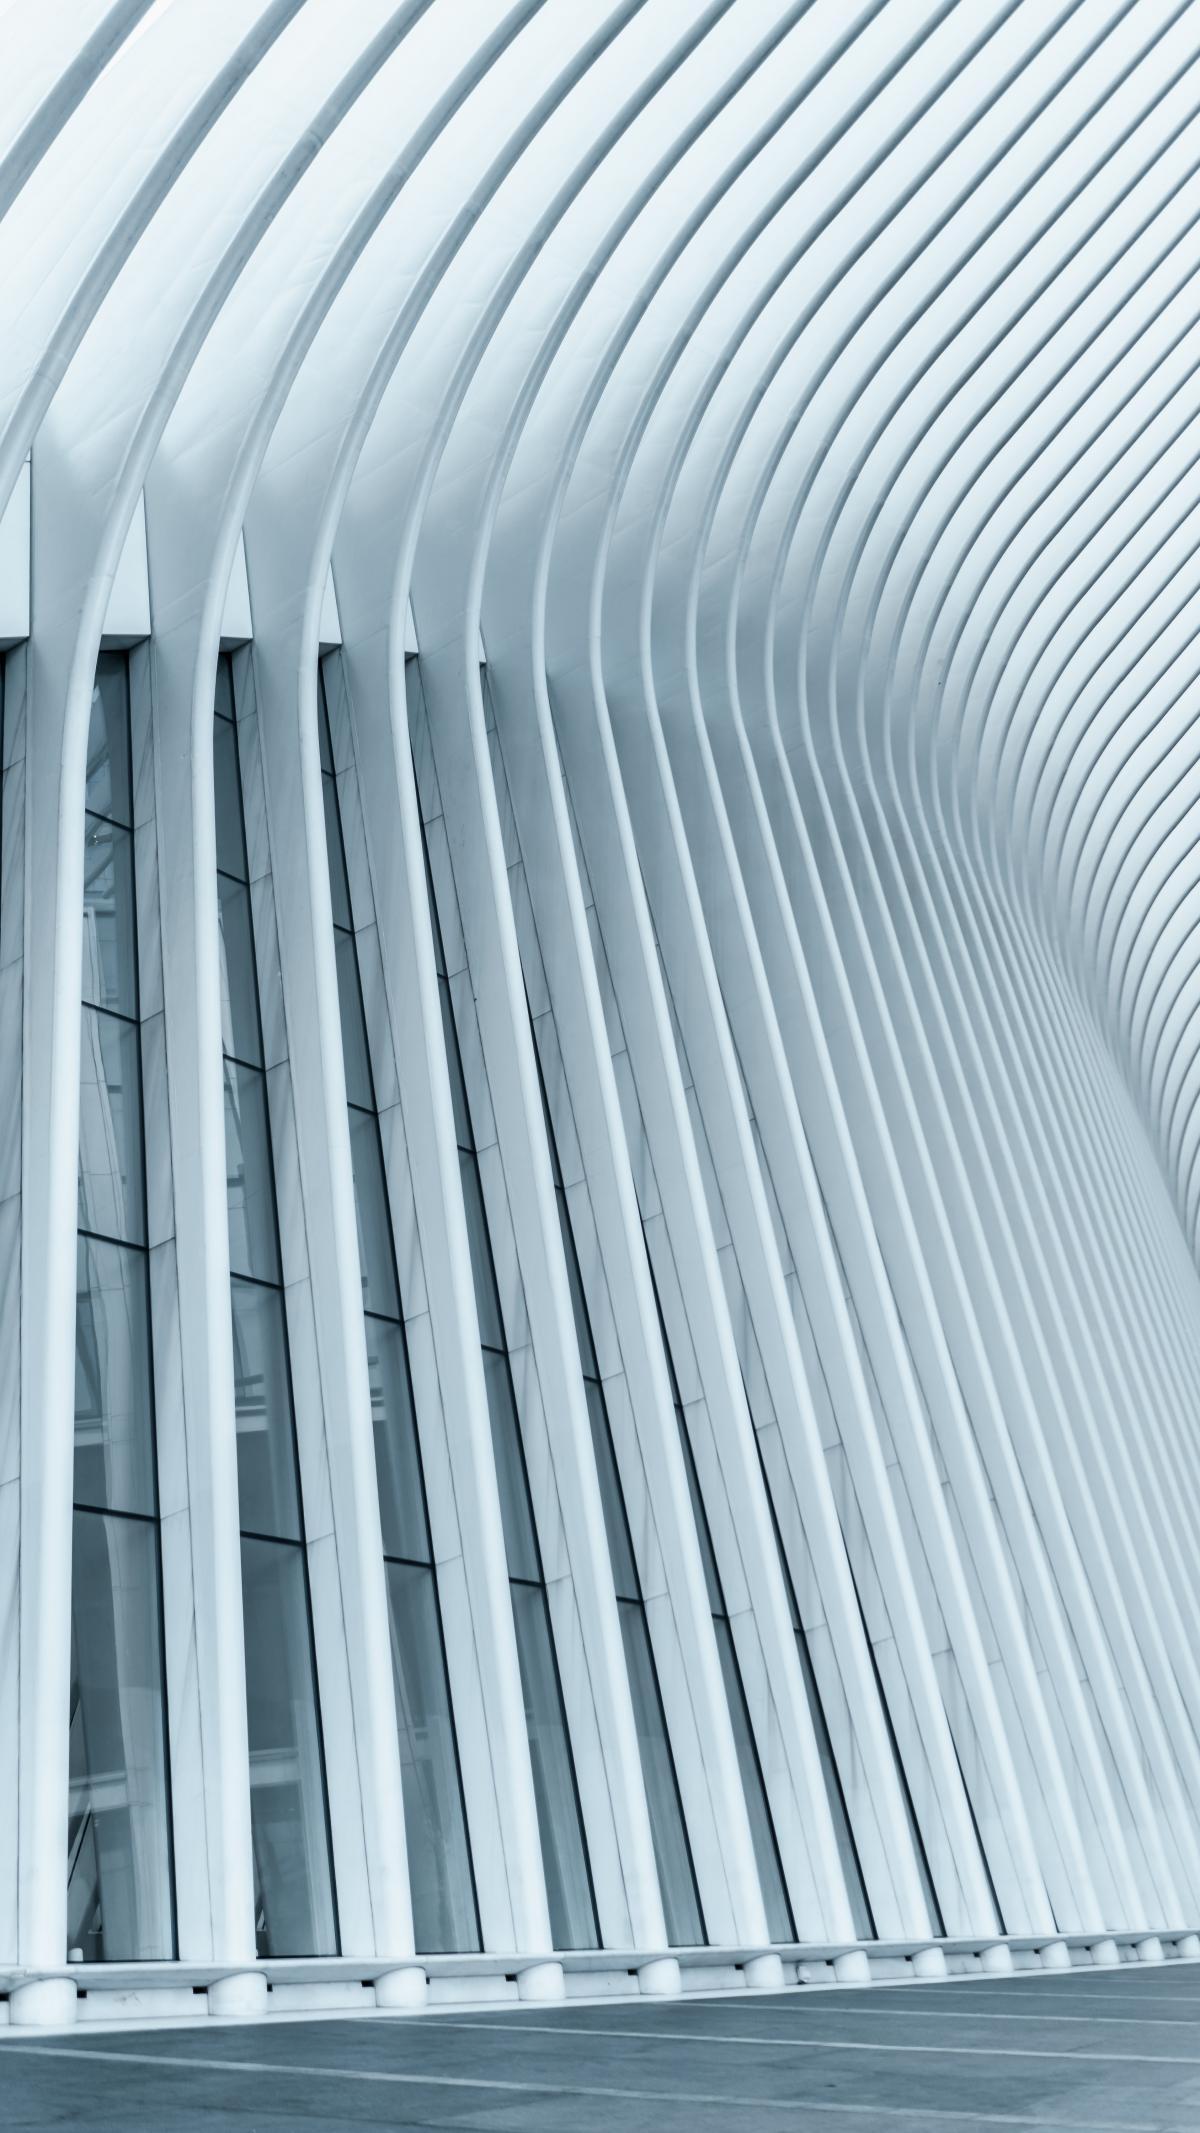 Skyscraper Architecture Building #426667